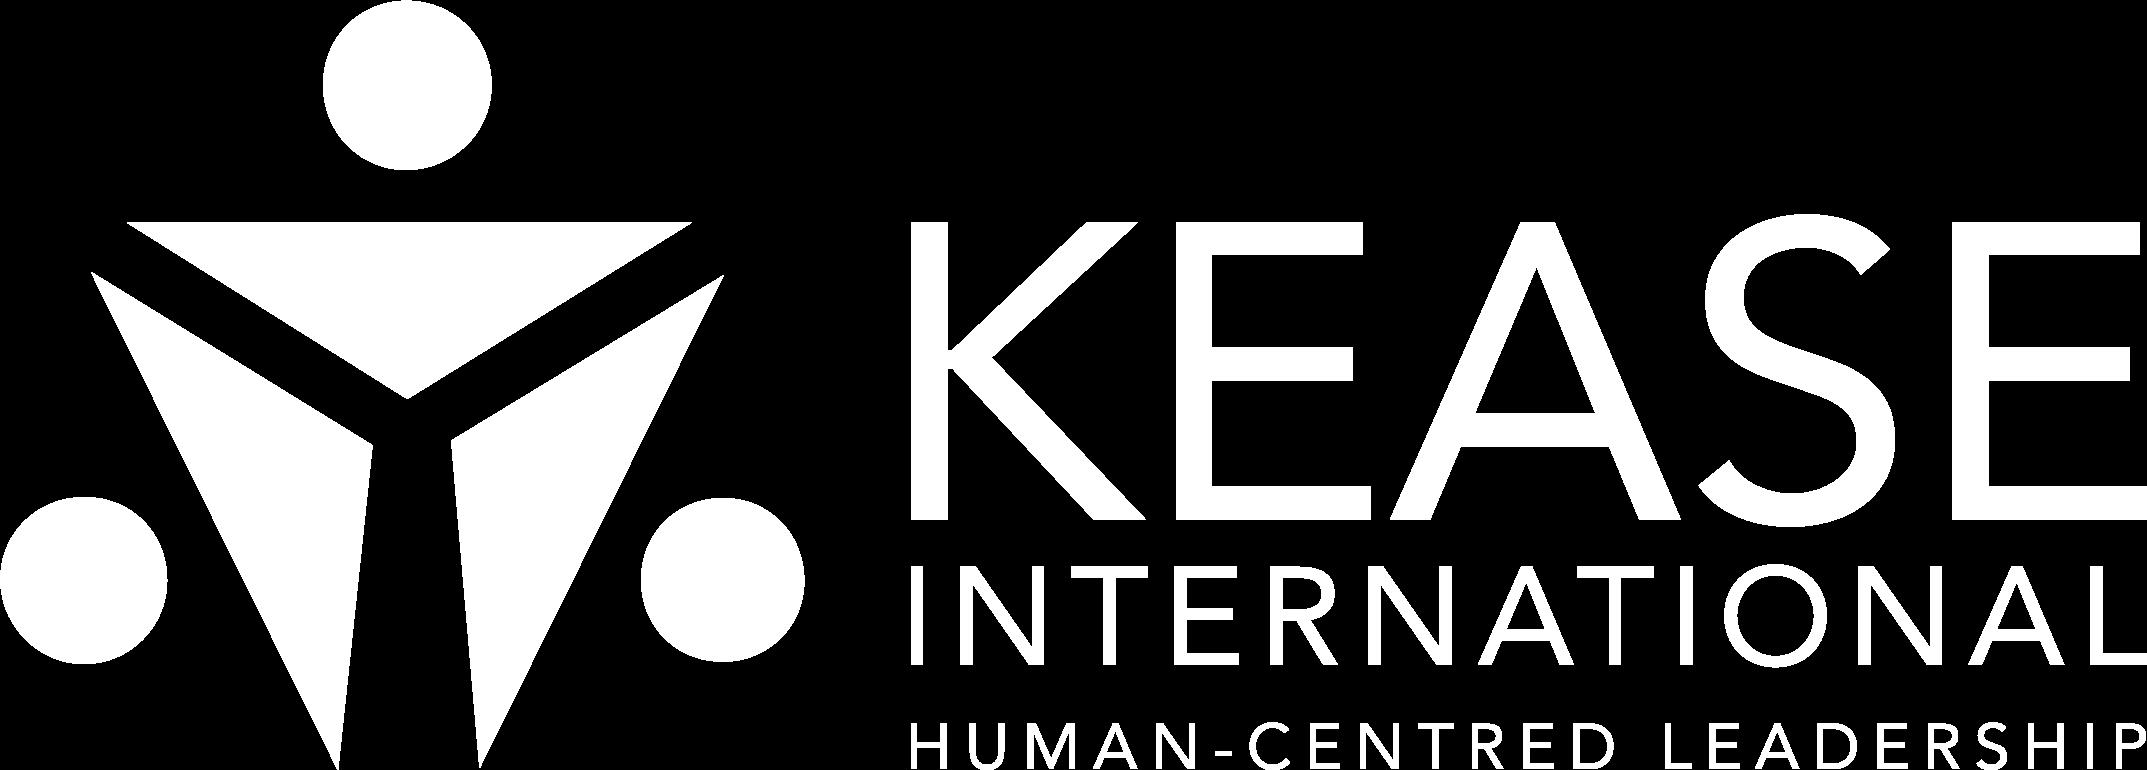 KEASE International